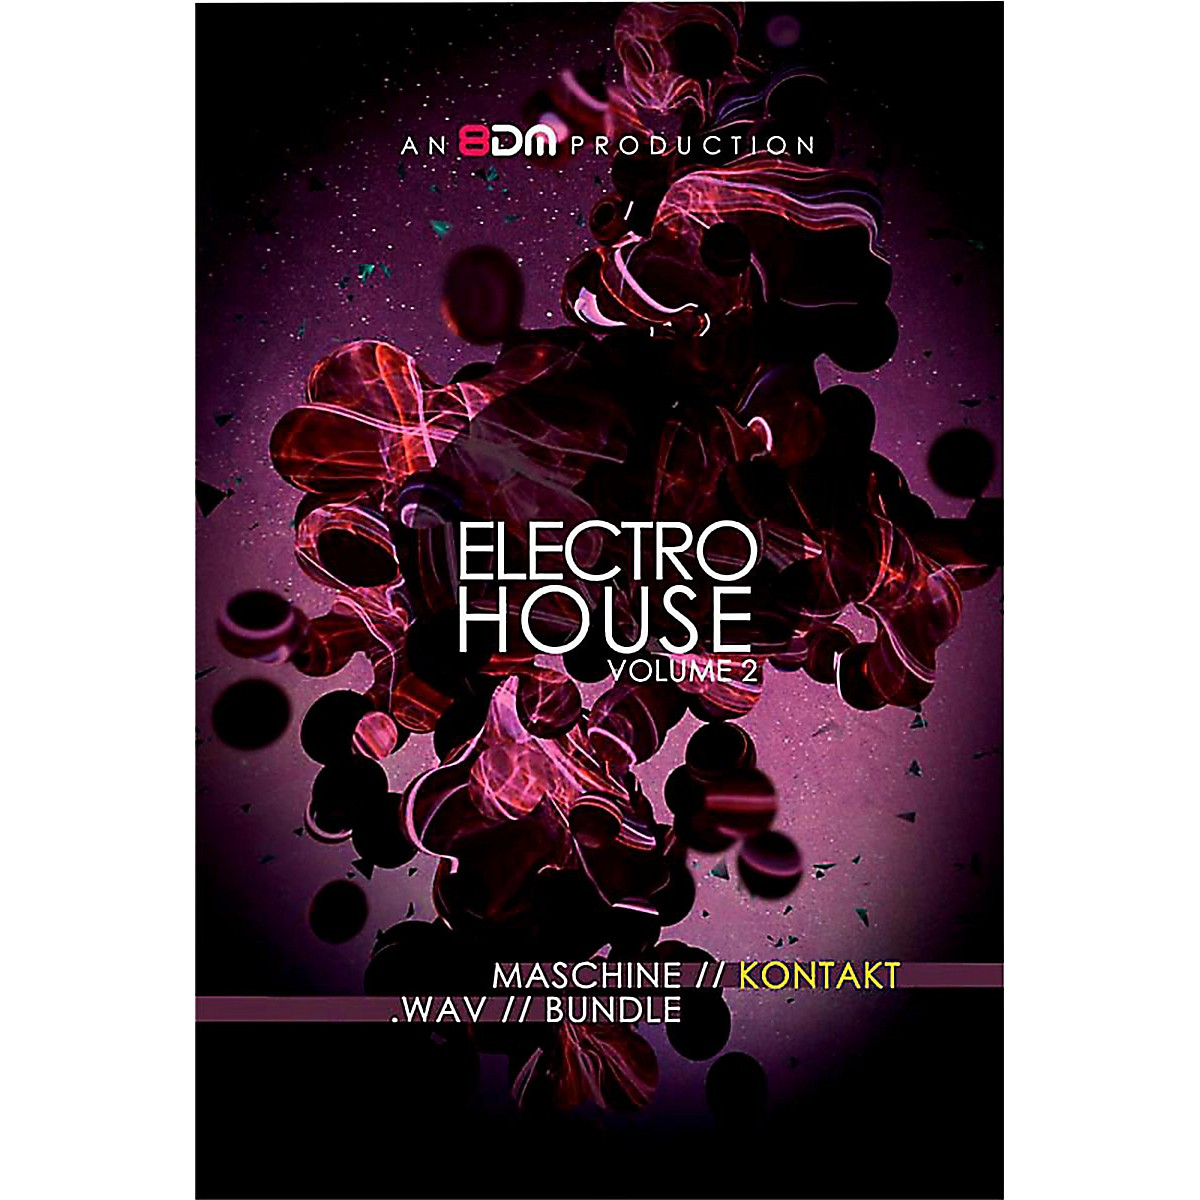 8DM Electro House Vol 2 for Kontakt